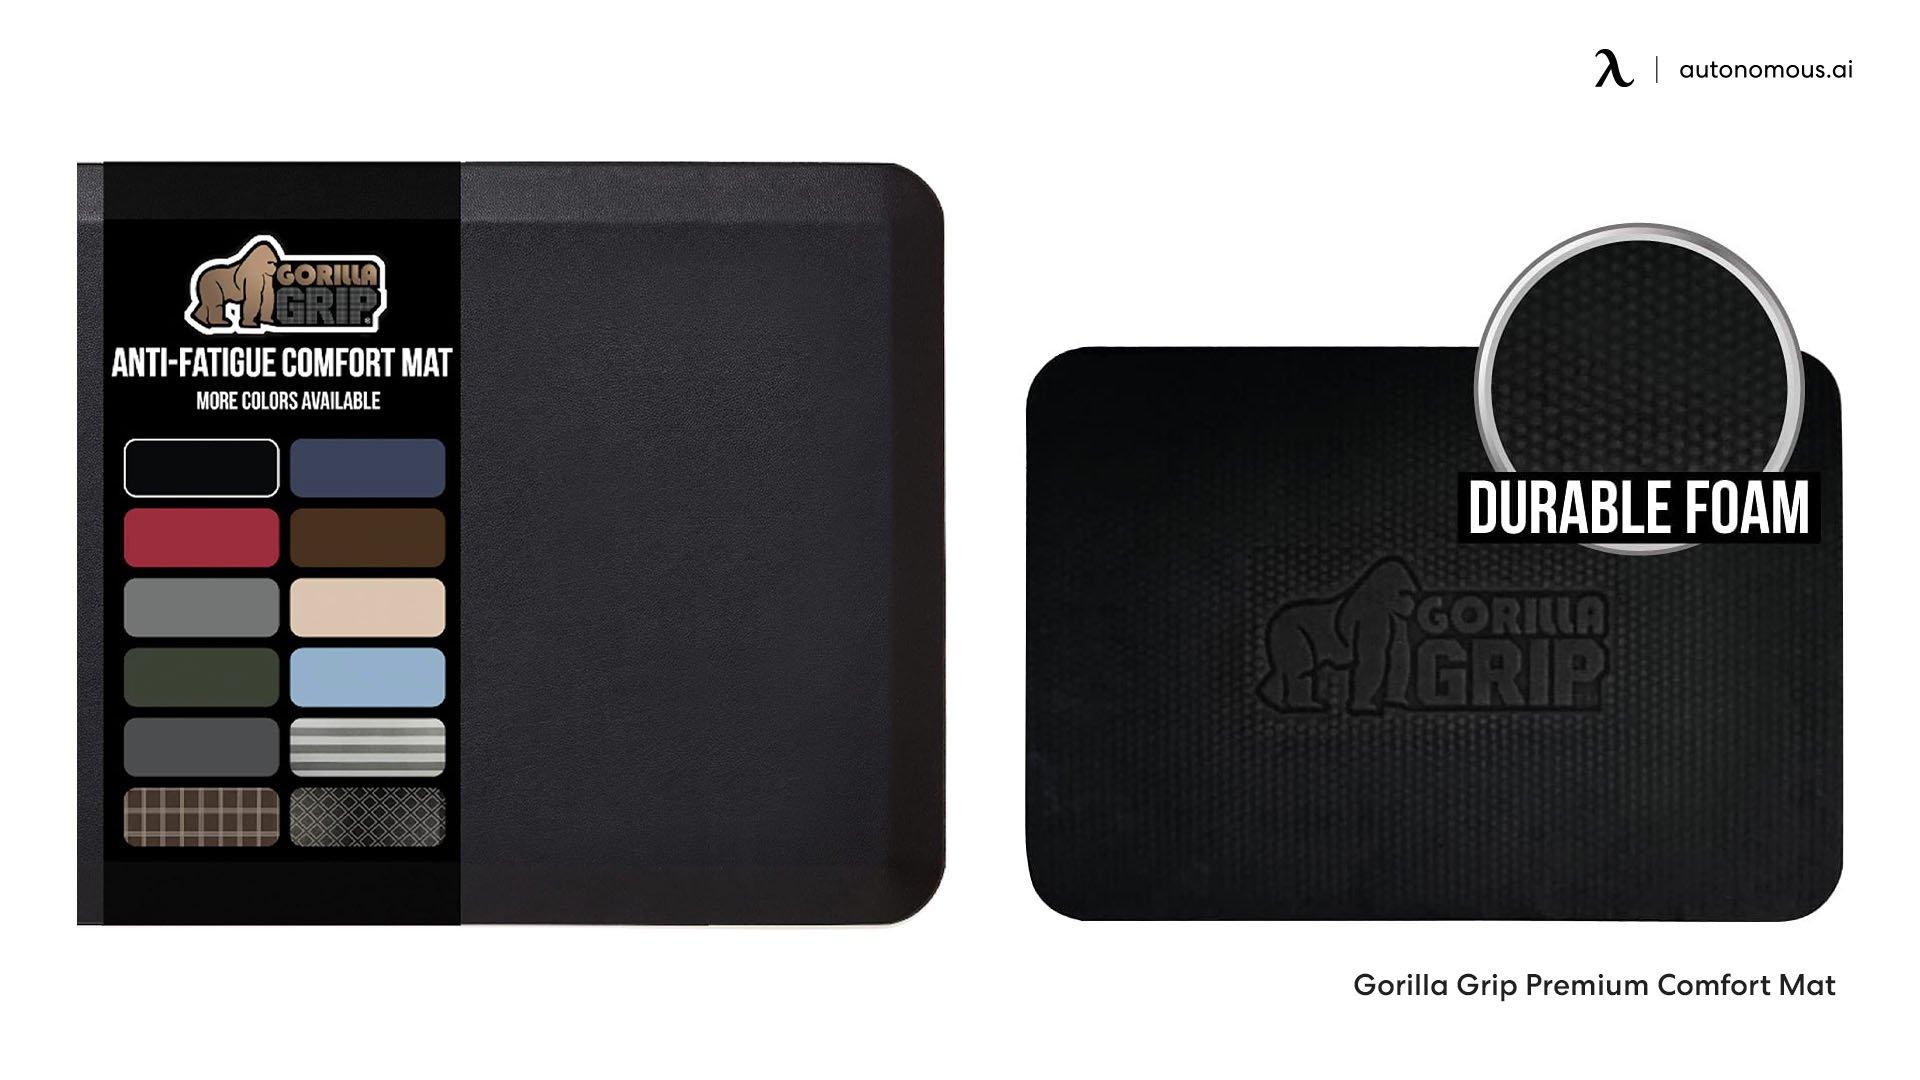 Gorilla Grip Premium Comfort Mat